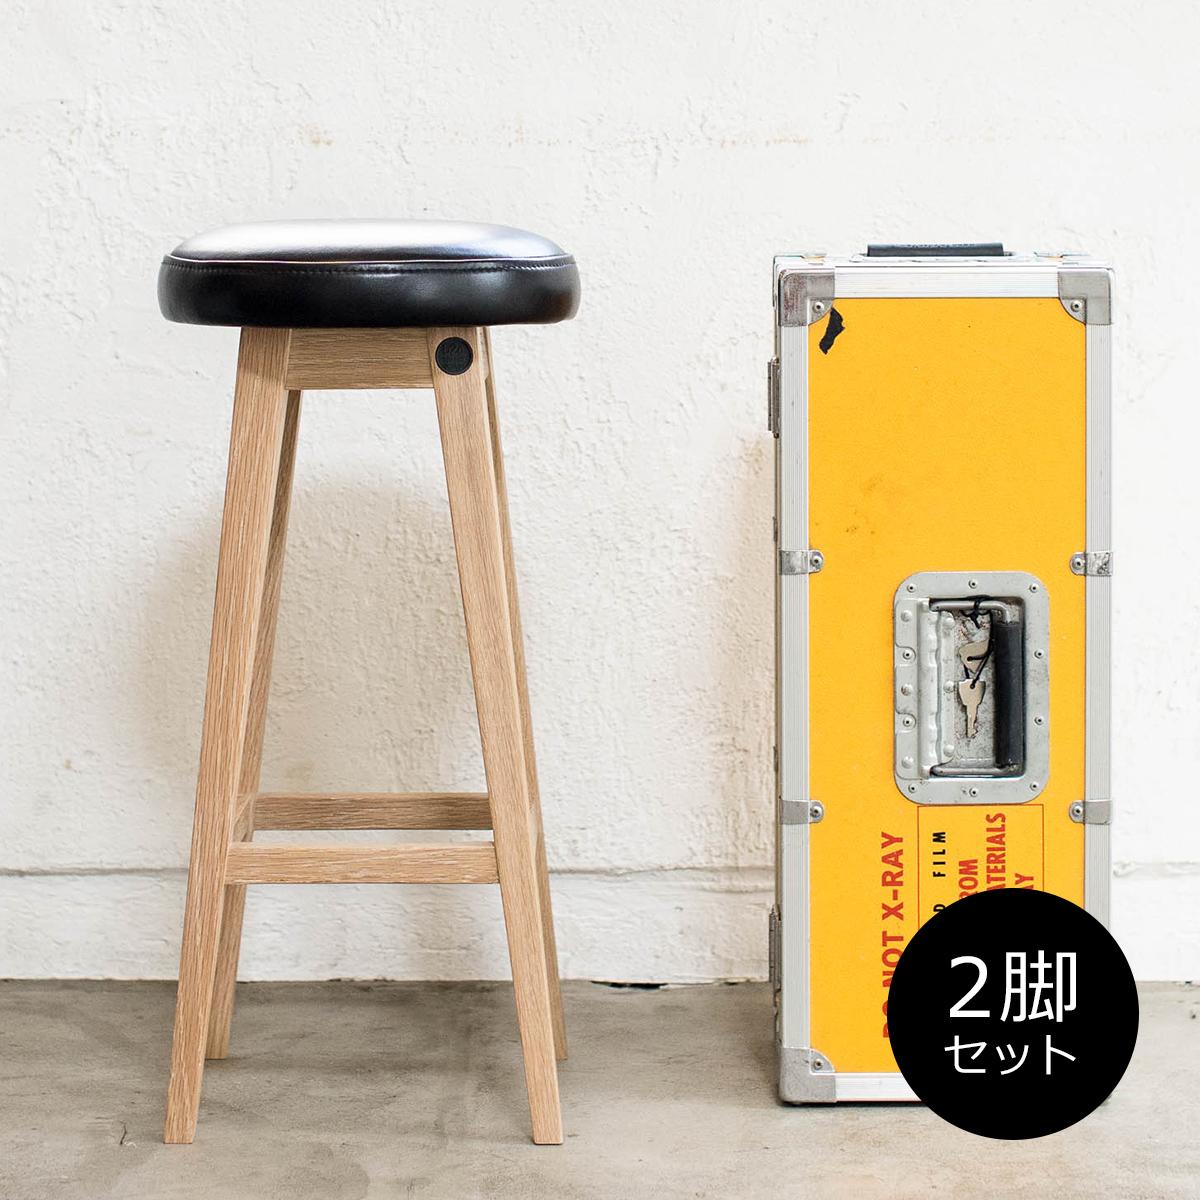 ハイスツール シンプル 無垢 ウッド [セット販売●b2c シンプルラウンドスツール-ハイ(オイルドレザー-ブラック) 【2脚入り】] サラサデザインストア